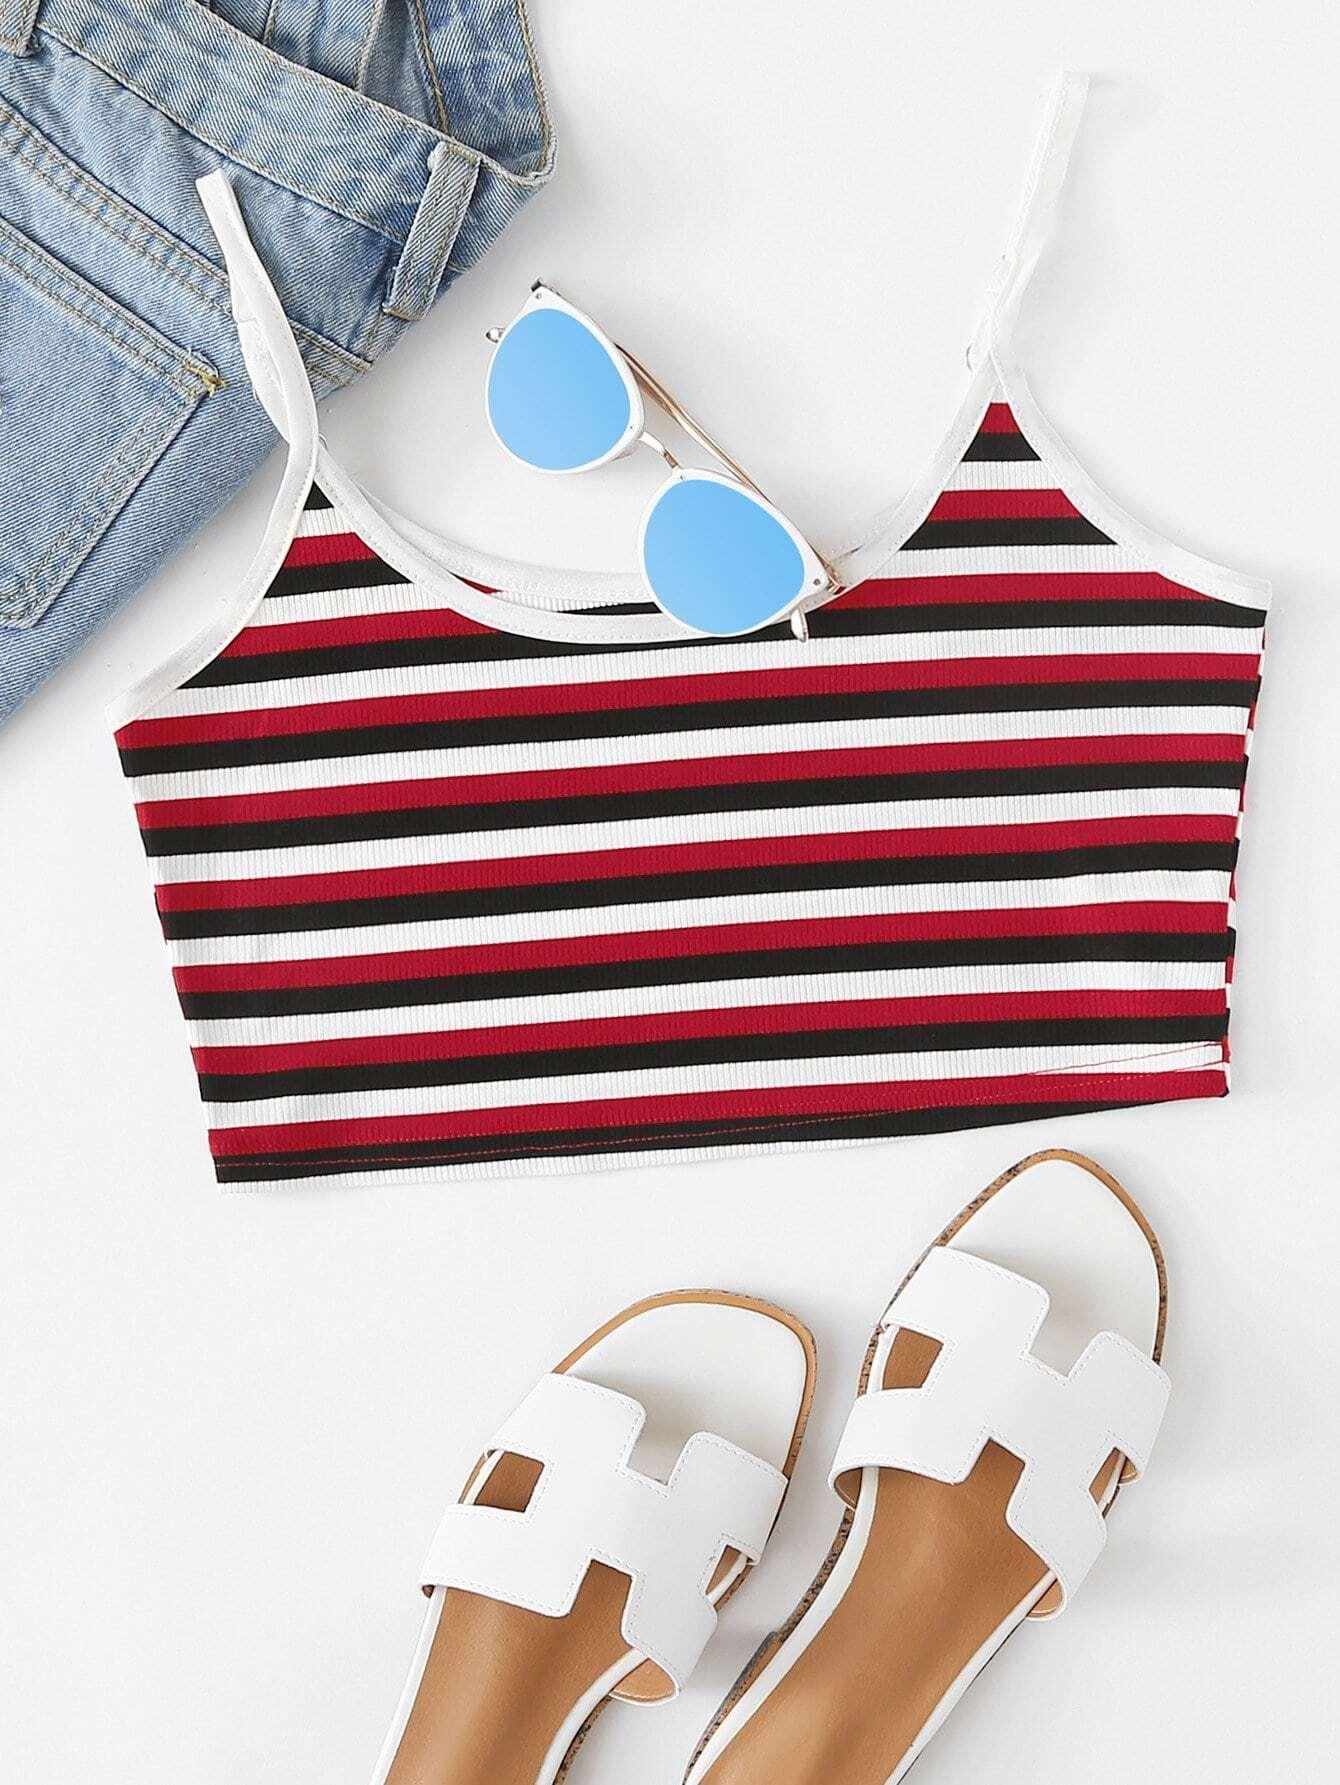 Rib Knit Striped Crop Cami Top vest180328450